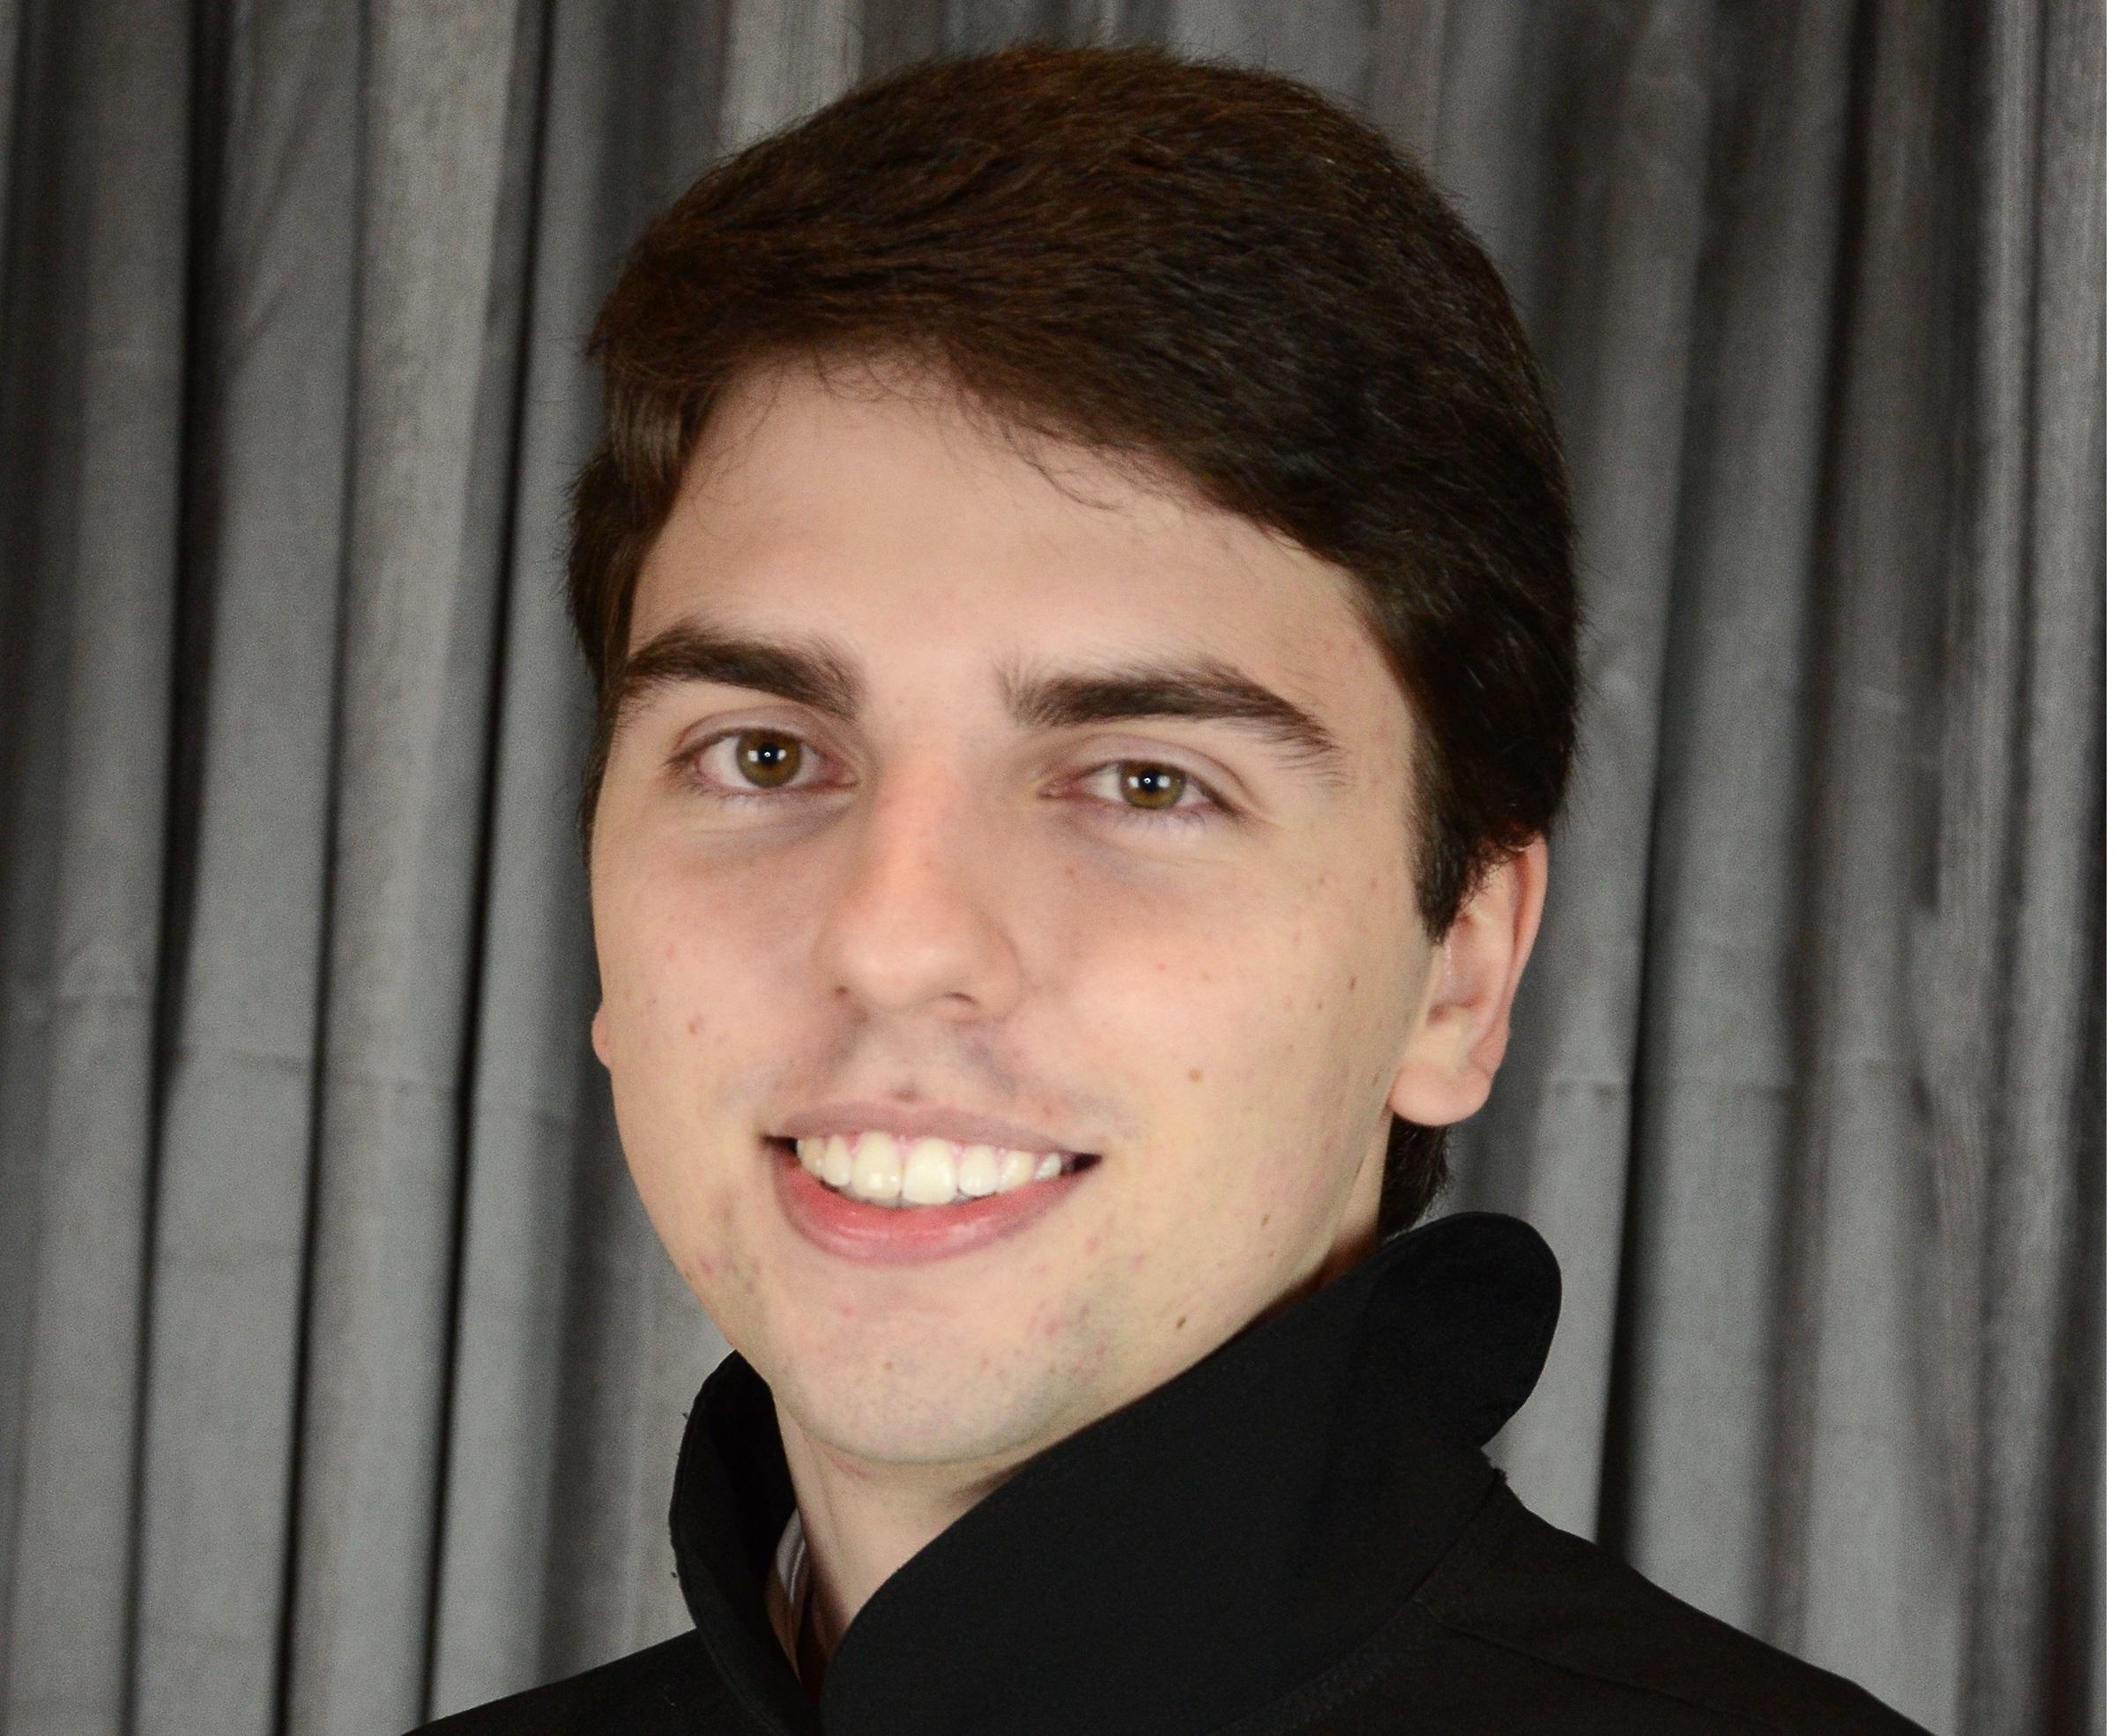 ENTREVISTA: Felipe Simões de Vasconcelos Abreu - Aprovado em 6º lugar no concurso SEFAZ BA para o cargo de Auditor Fiscal / área Administração Tributária